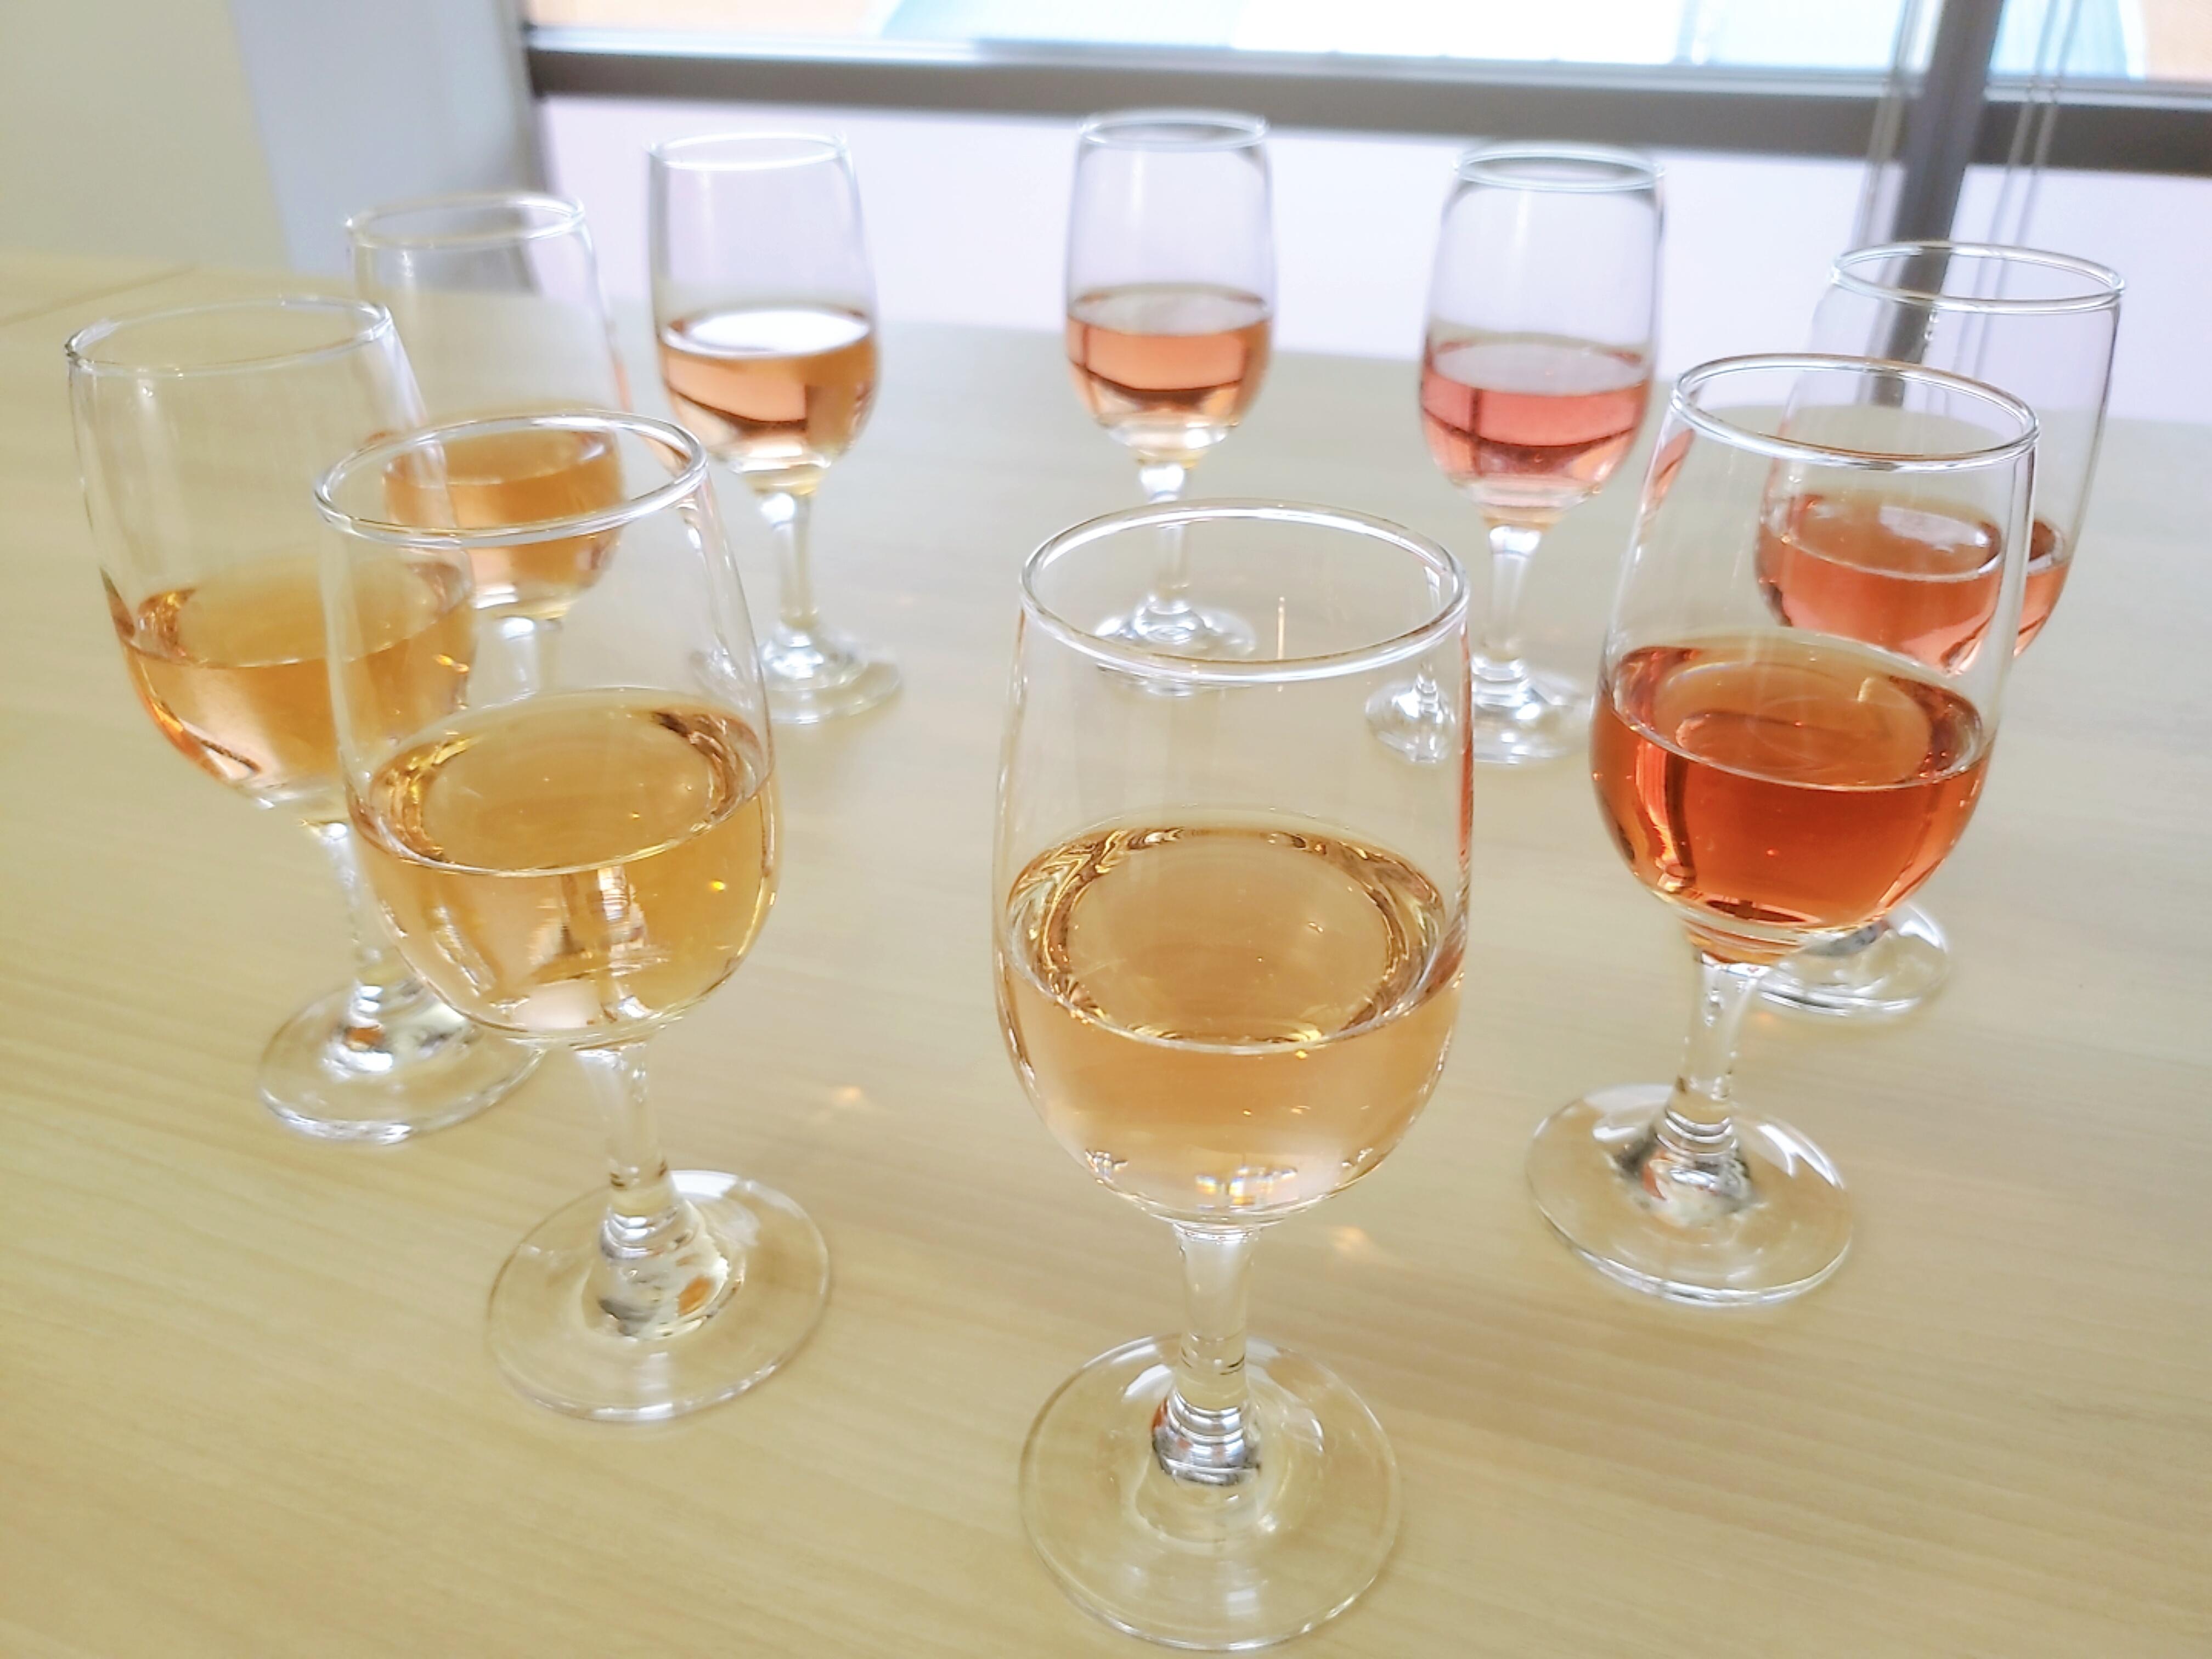 ロゼワインの色はバリエーションが豊富!表現方法を知っておこう